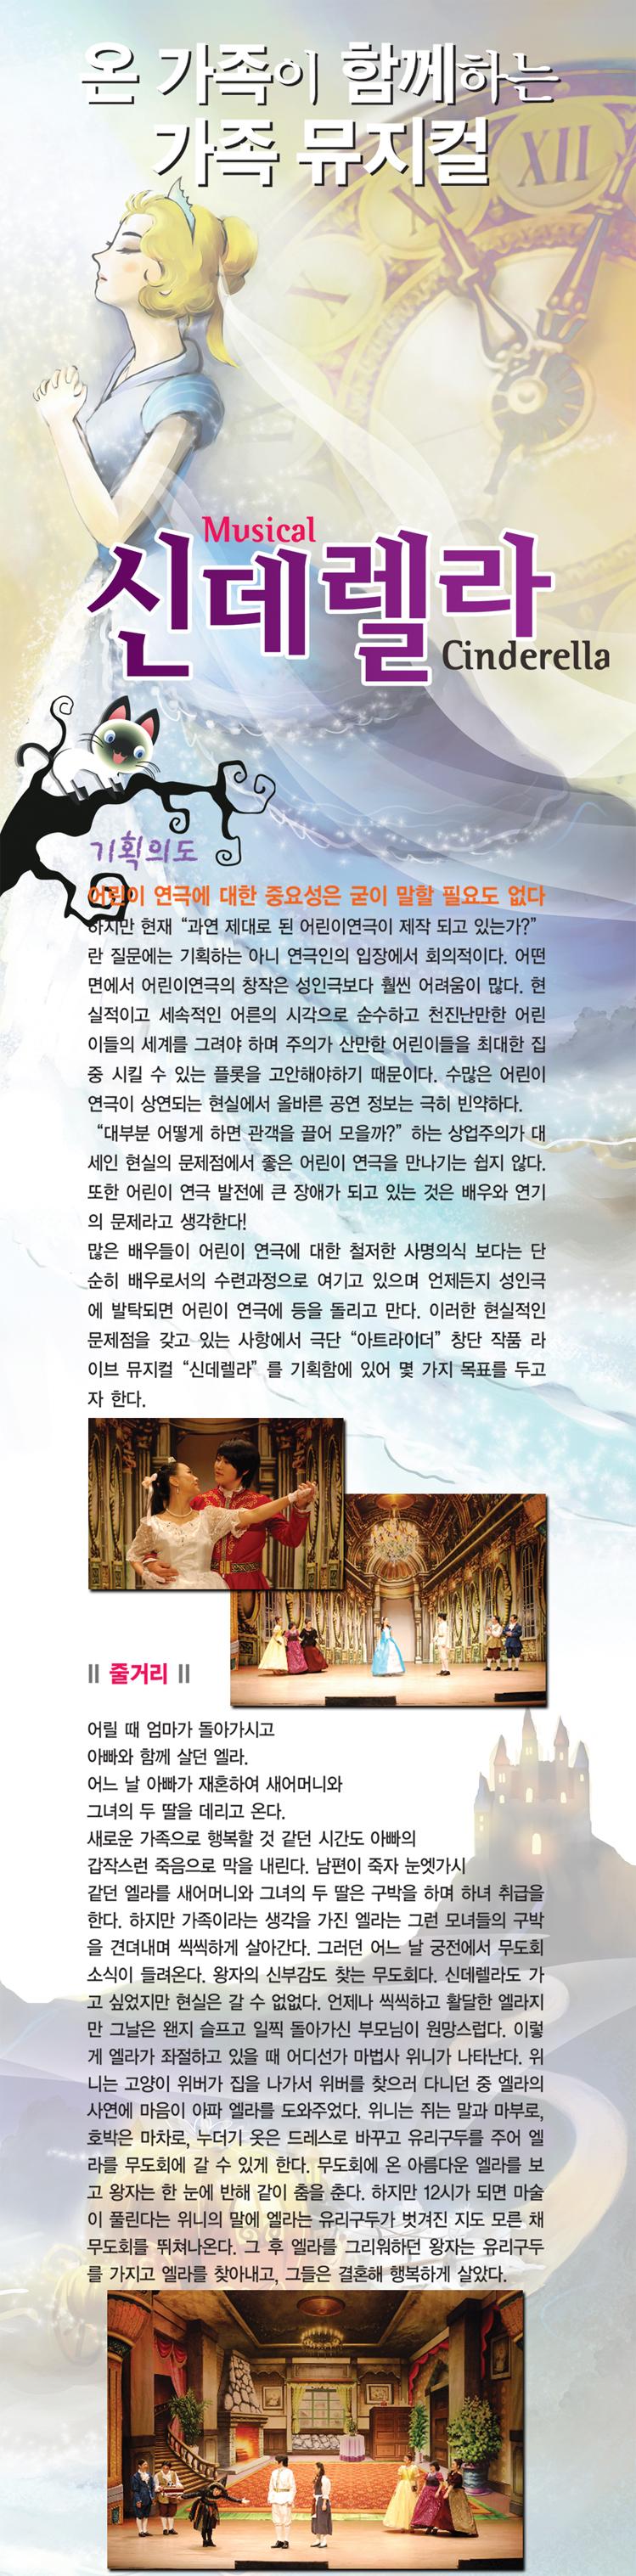 온가족이 함께하는 가족 뮤지컬 신데렐라!  신나는 노래와 춤, 환상적인 무대로 여러분을 초대합니다.